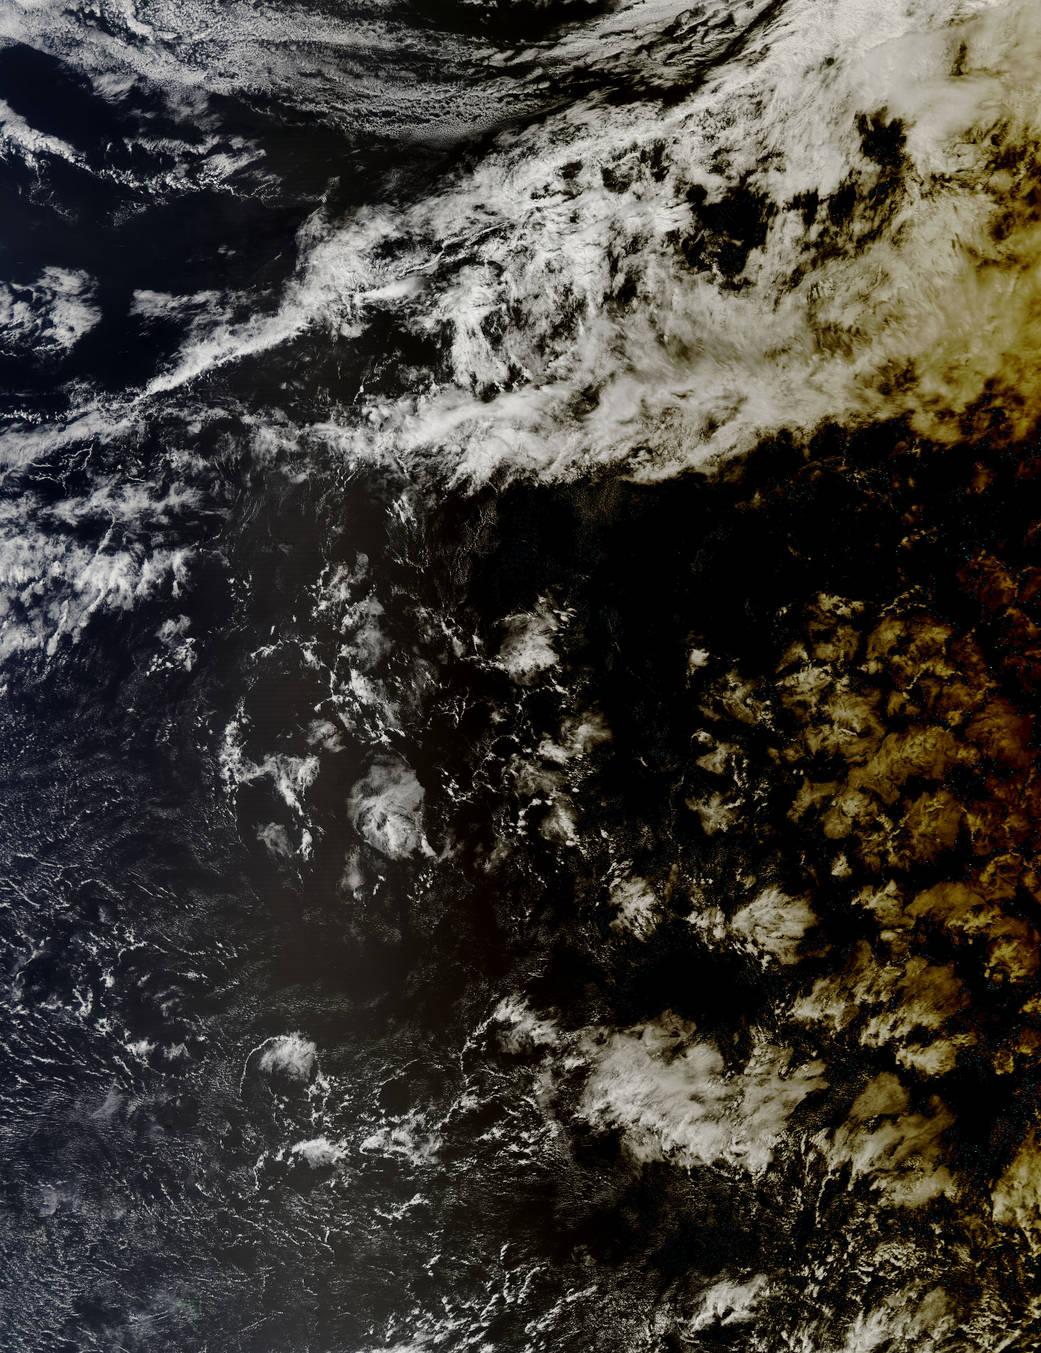 2016.3.10:南太平洋の日食の影